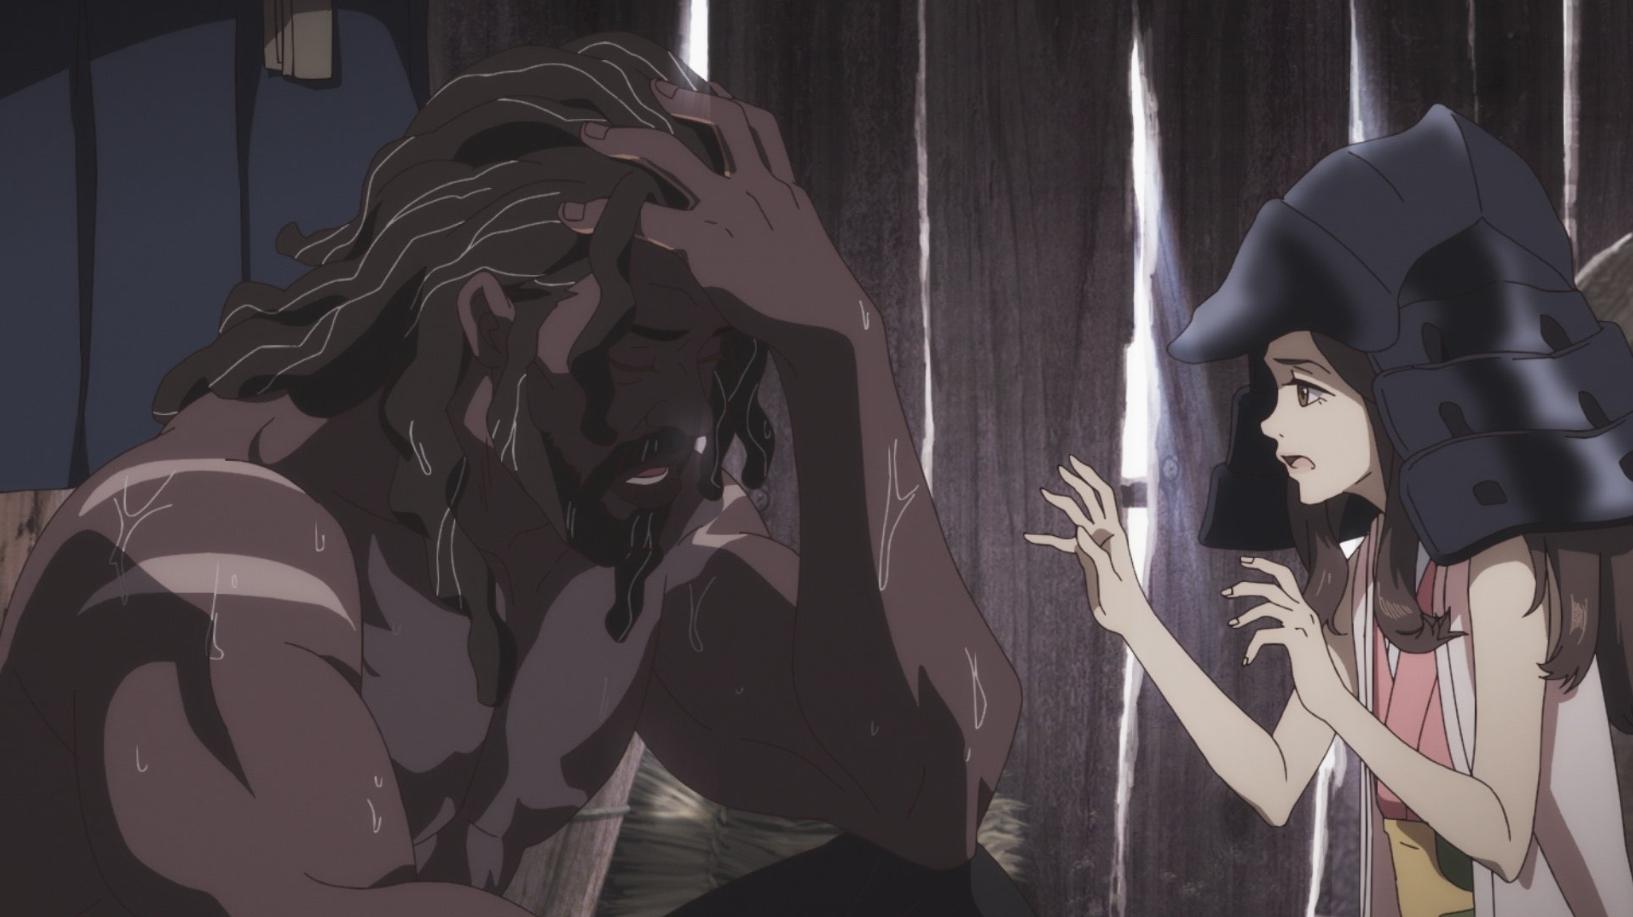 Первый тизер-трейлер «Ясукэ» — аниме о темнокожем самурае